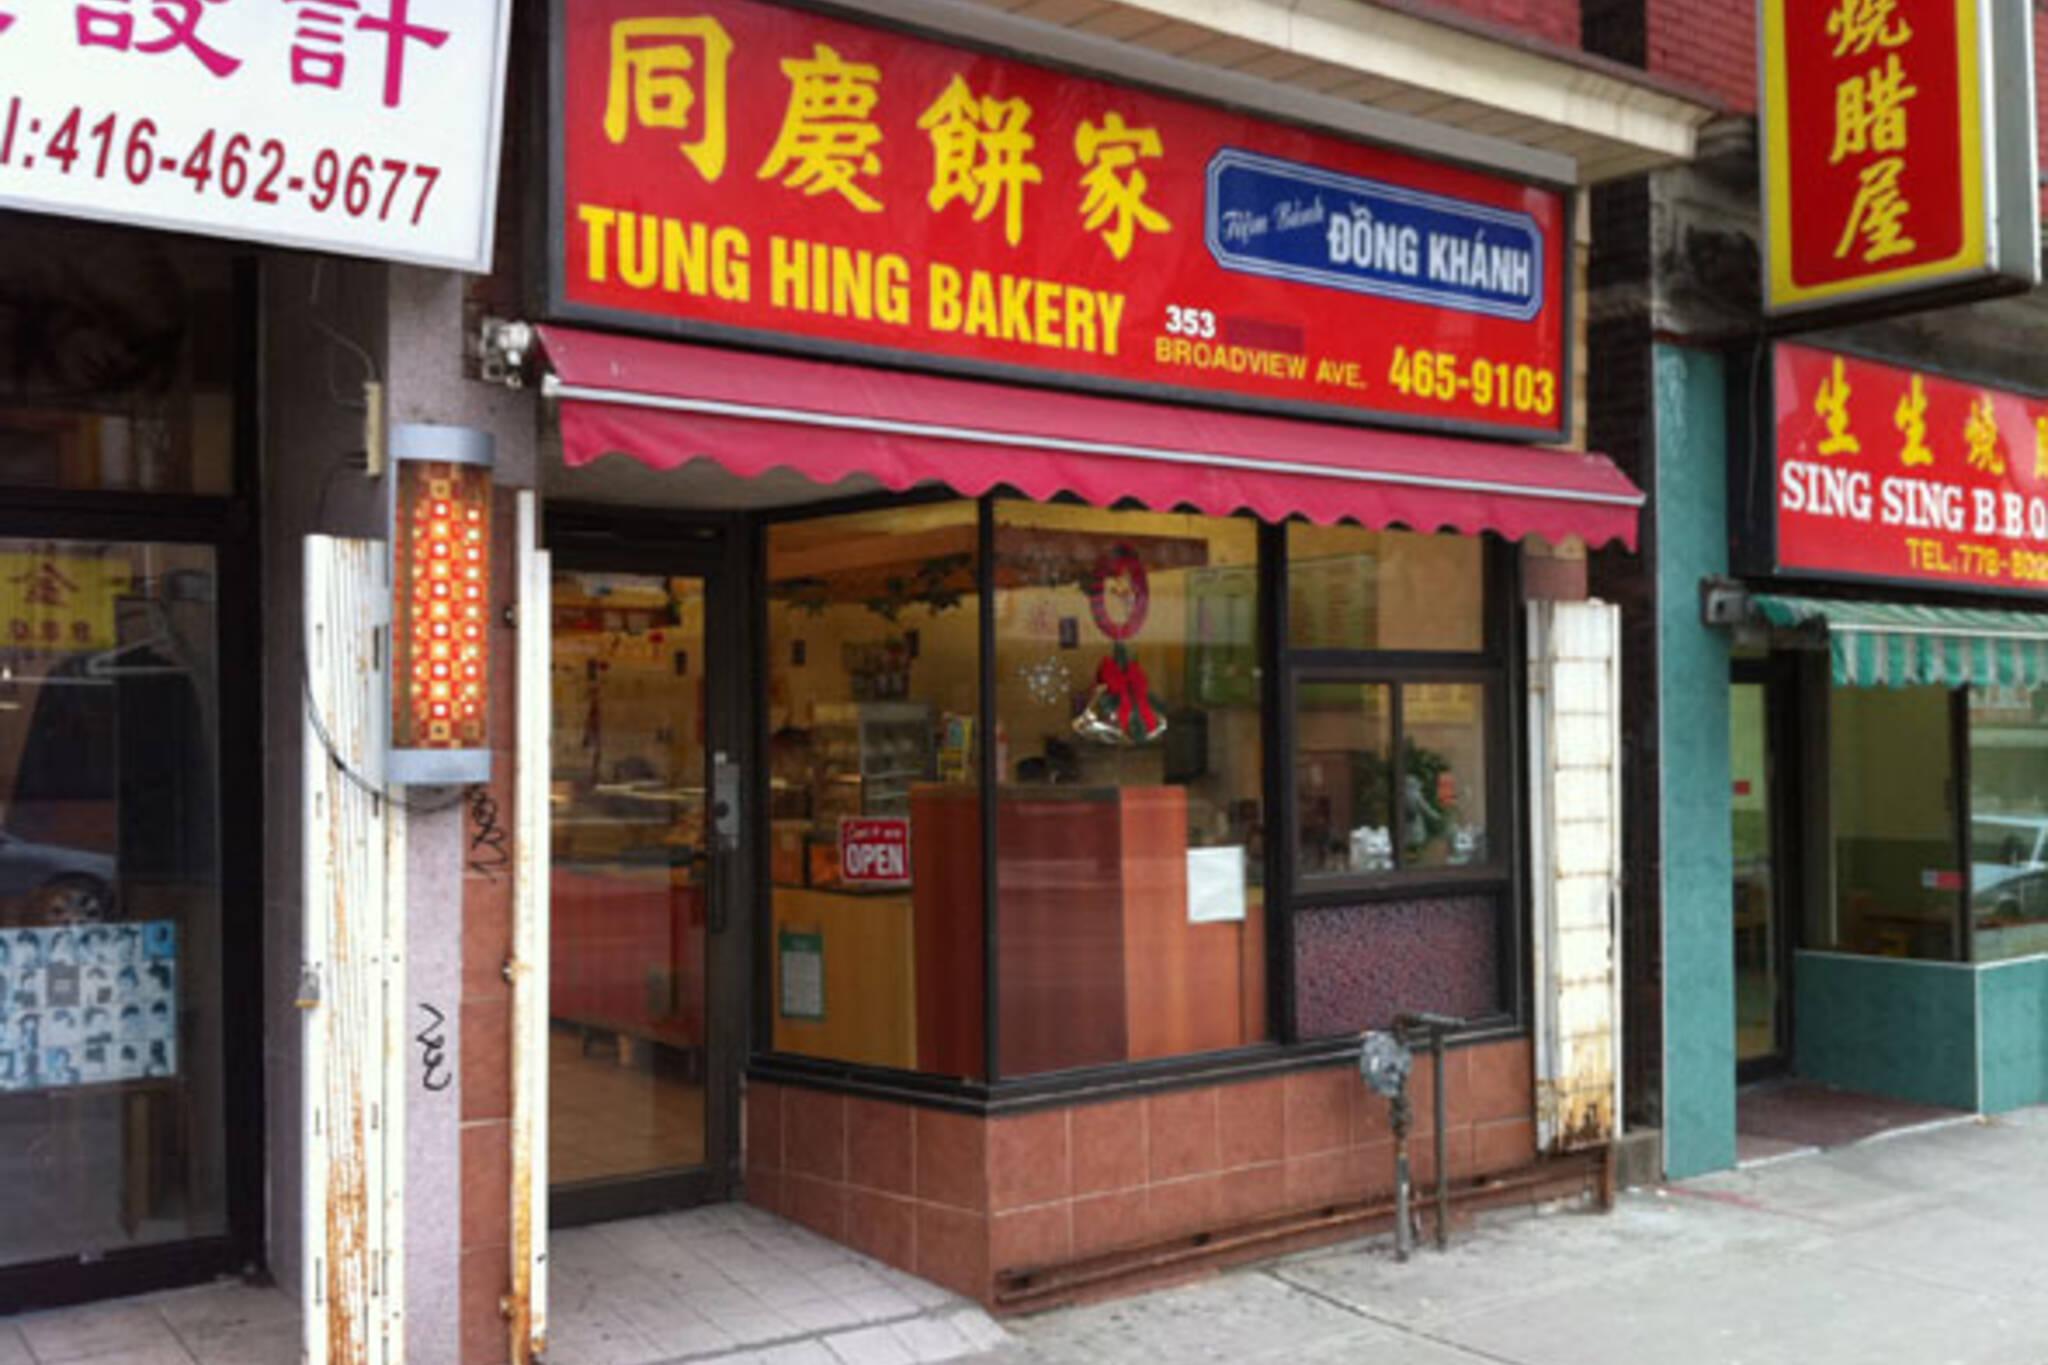 Tung Hing Bakery